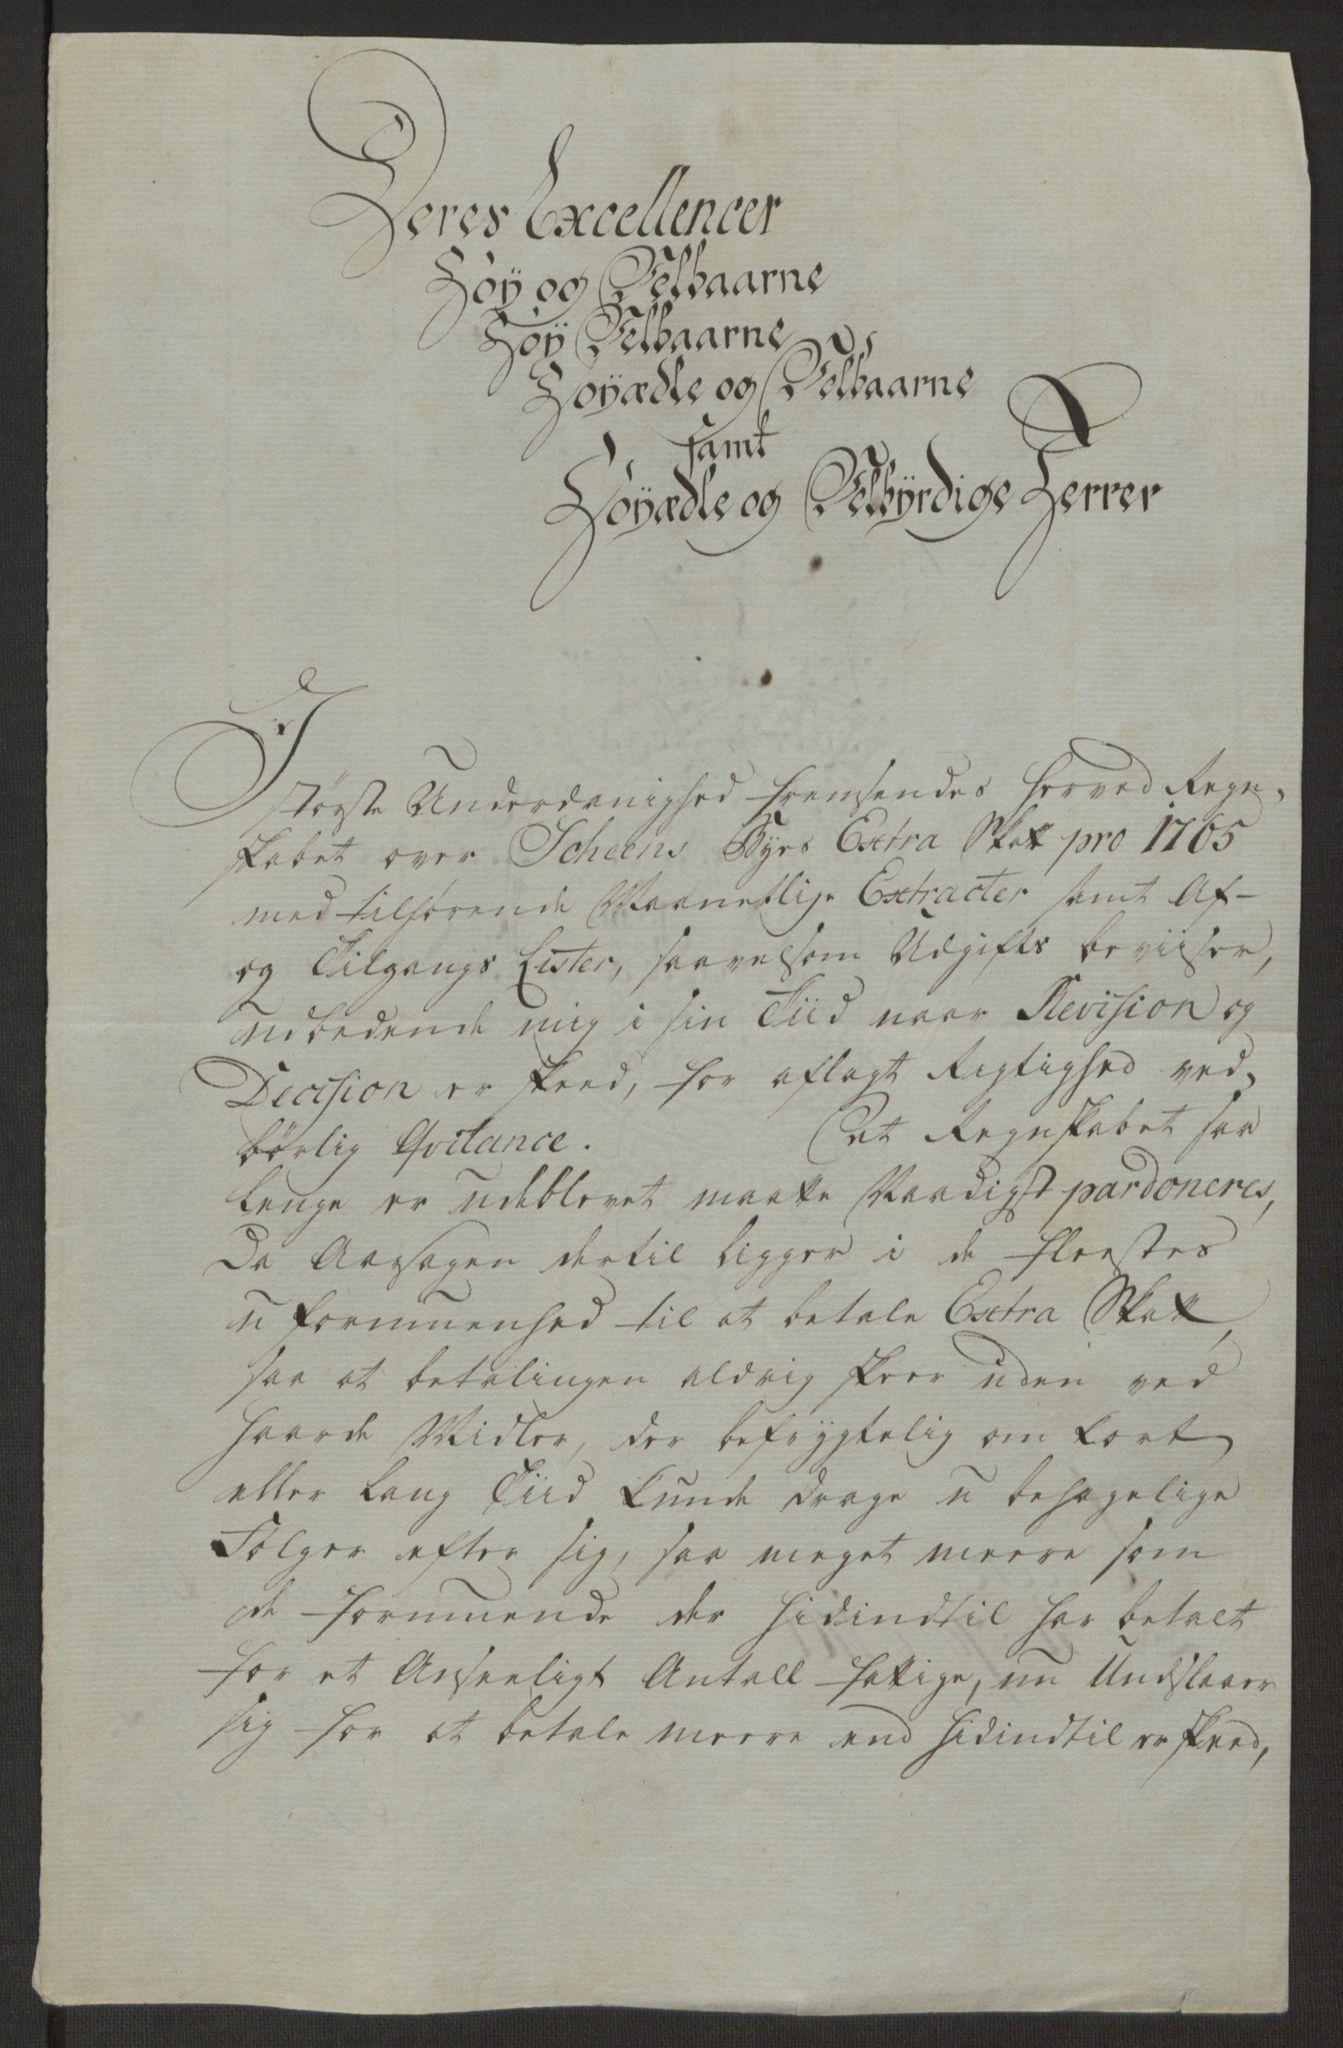 RA, Rentekammeret inntil 1814, Reviderte regnskaper, Byregnskaper, R/Rj/L0198: [J4] Kontribusjonsregnskap, 1762-1768, s. 324